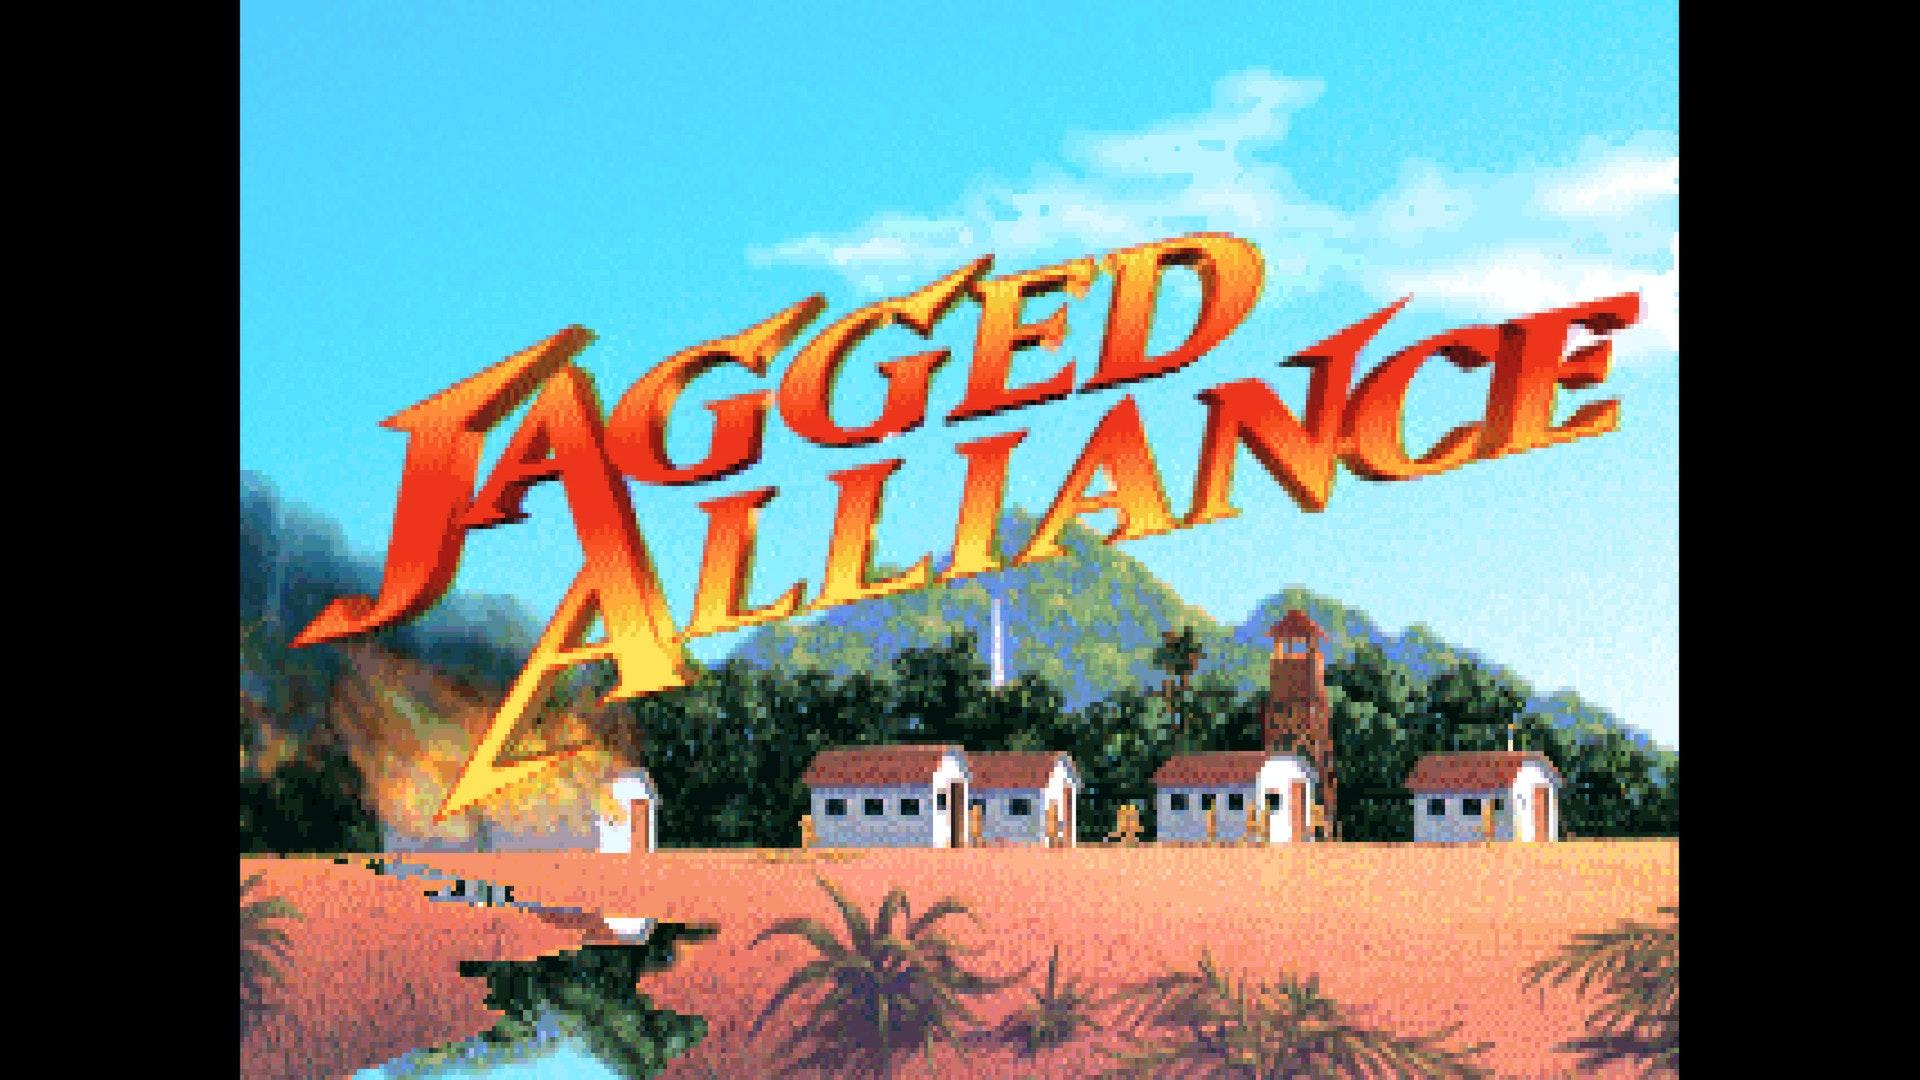 是Steam遊戲特價快訊:《Jagged Alliance 1: Gold Edition》現在特價55元 便宜223元這篇文章的首圖